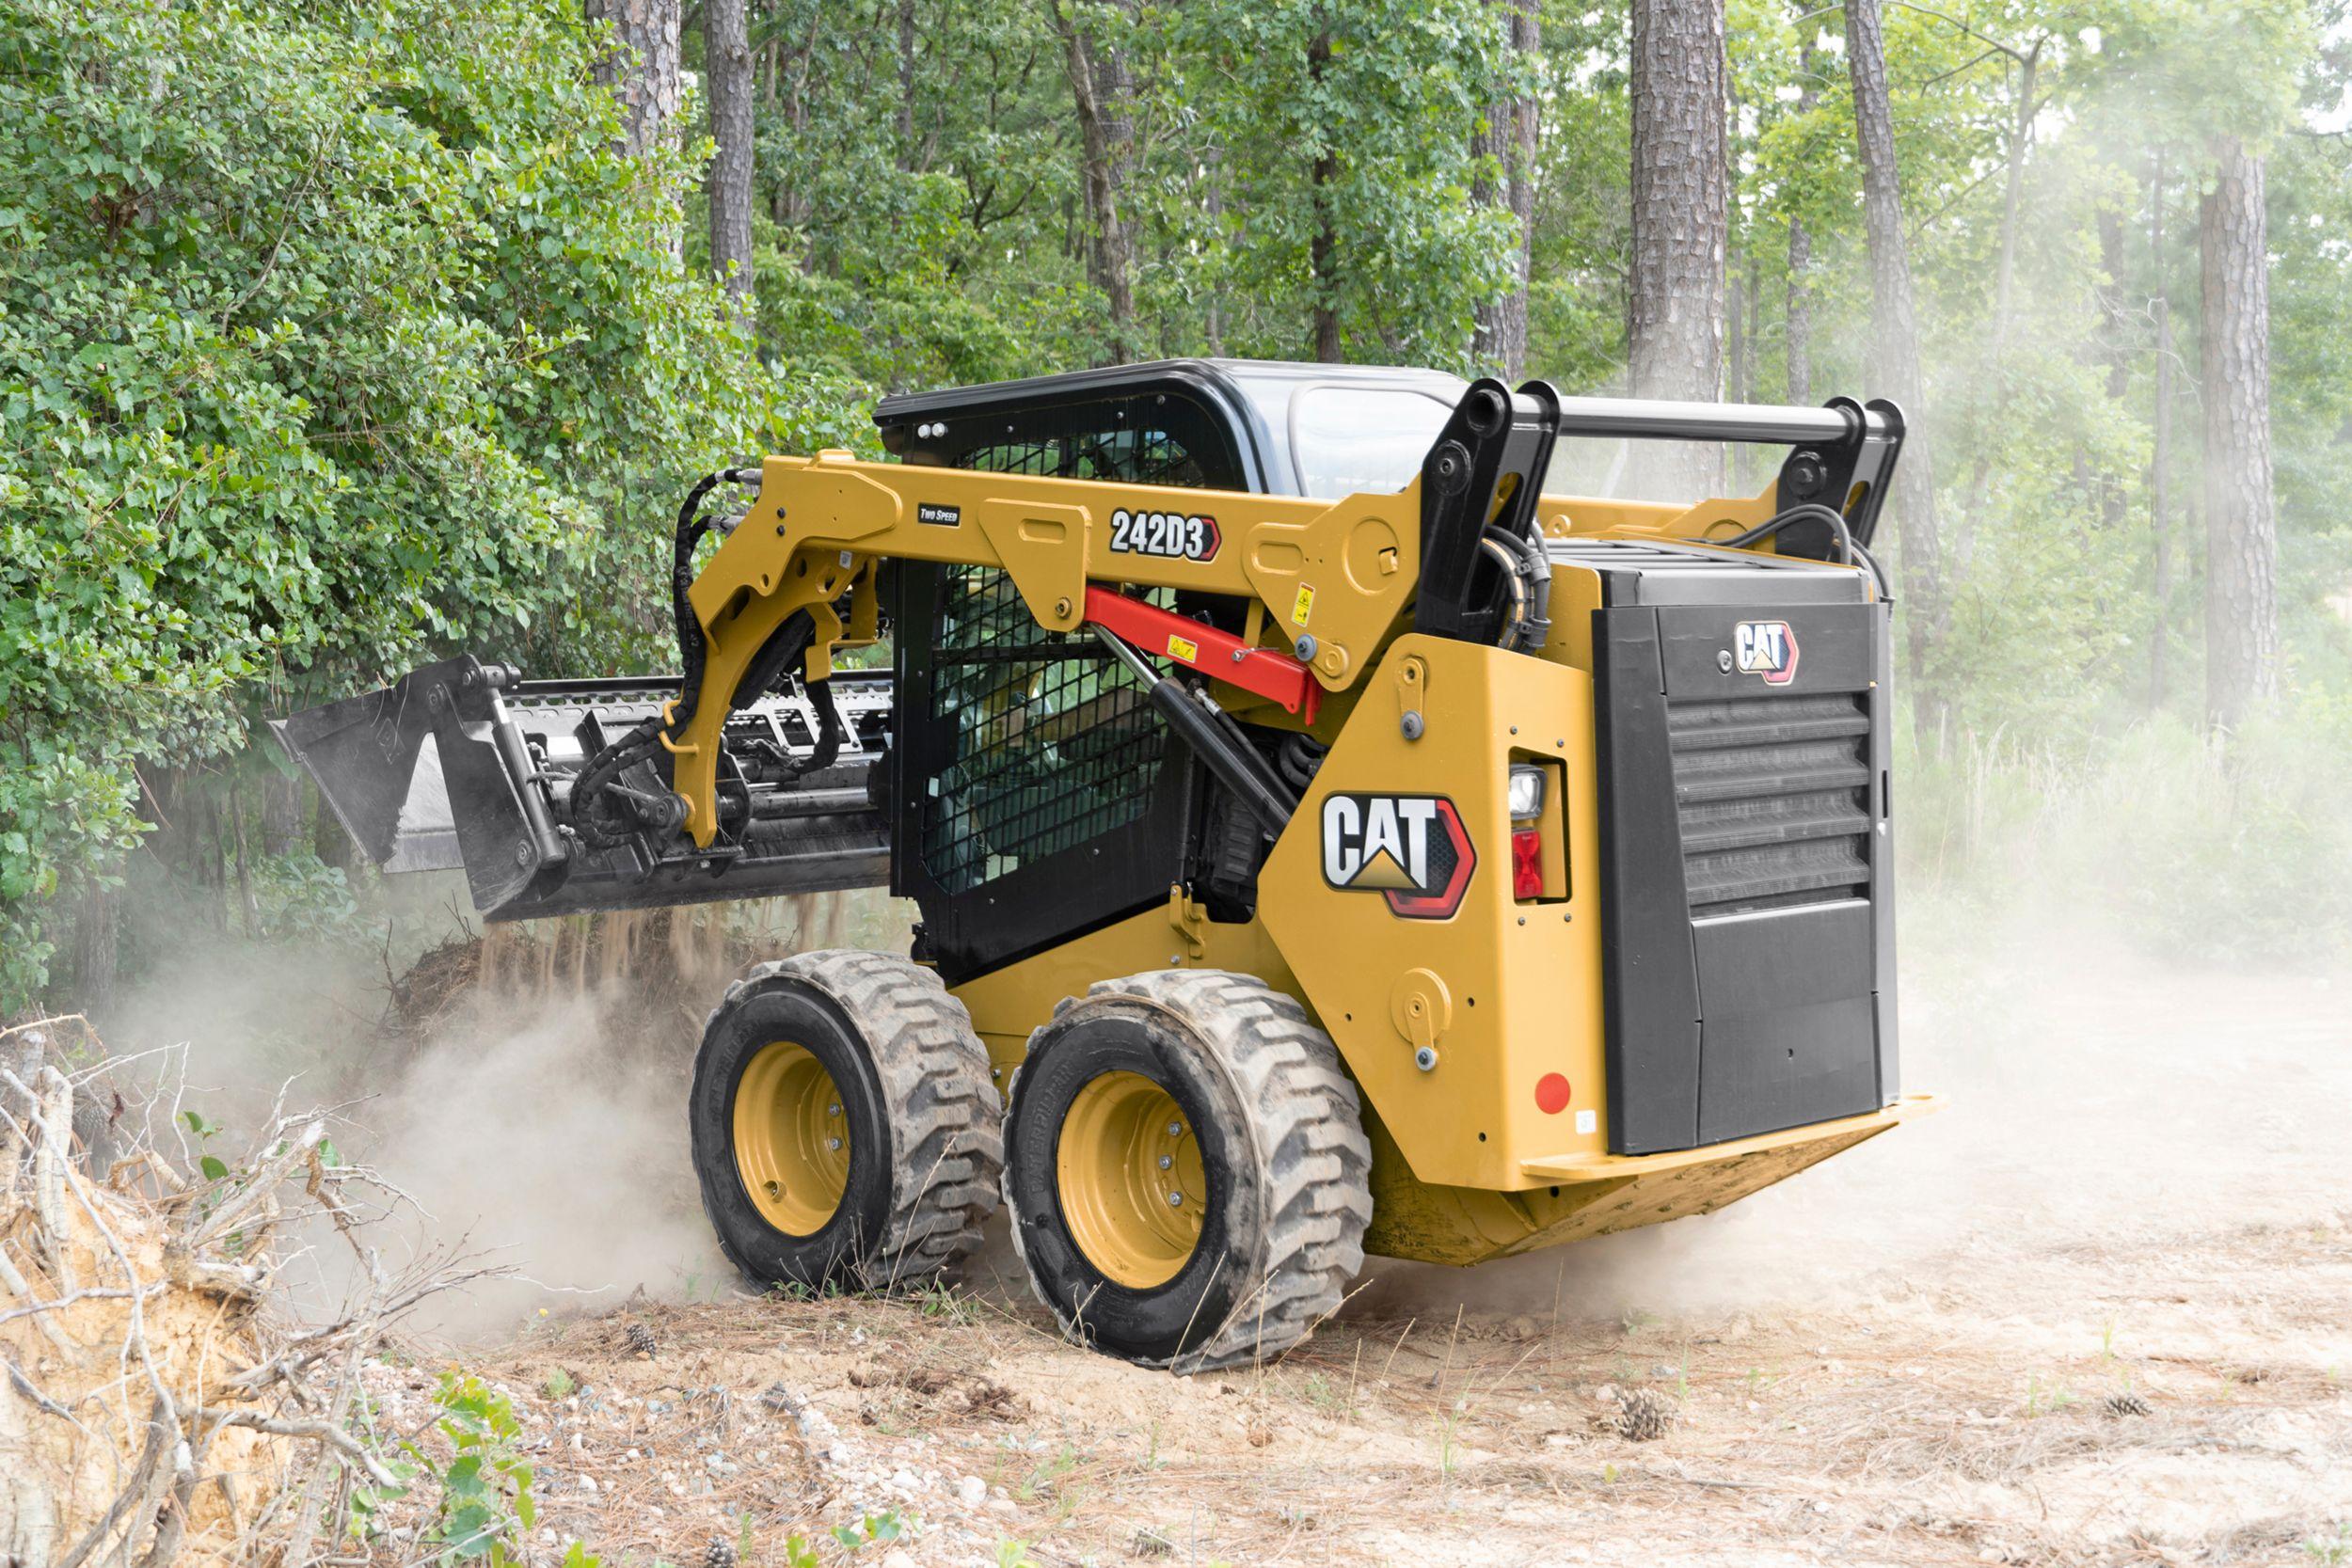 Cat 242D3